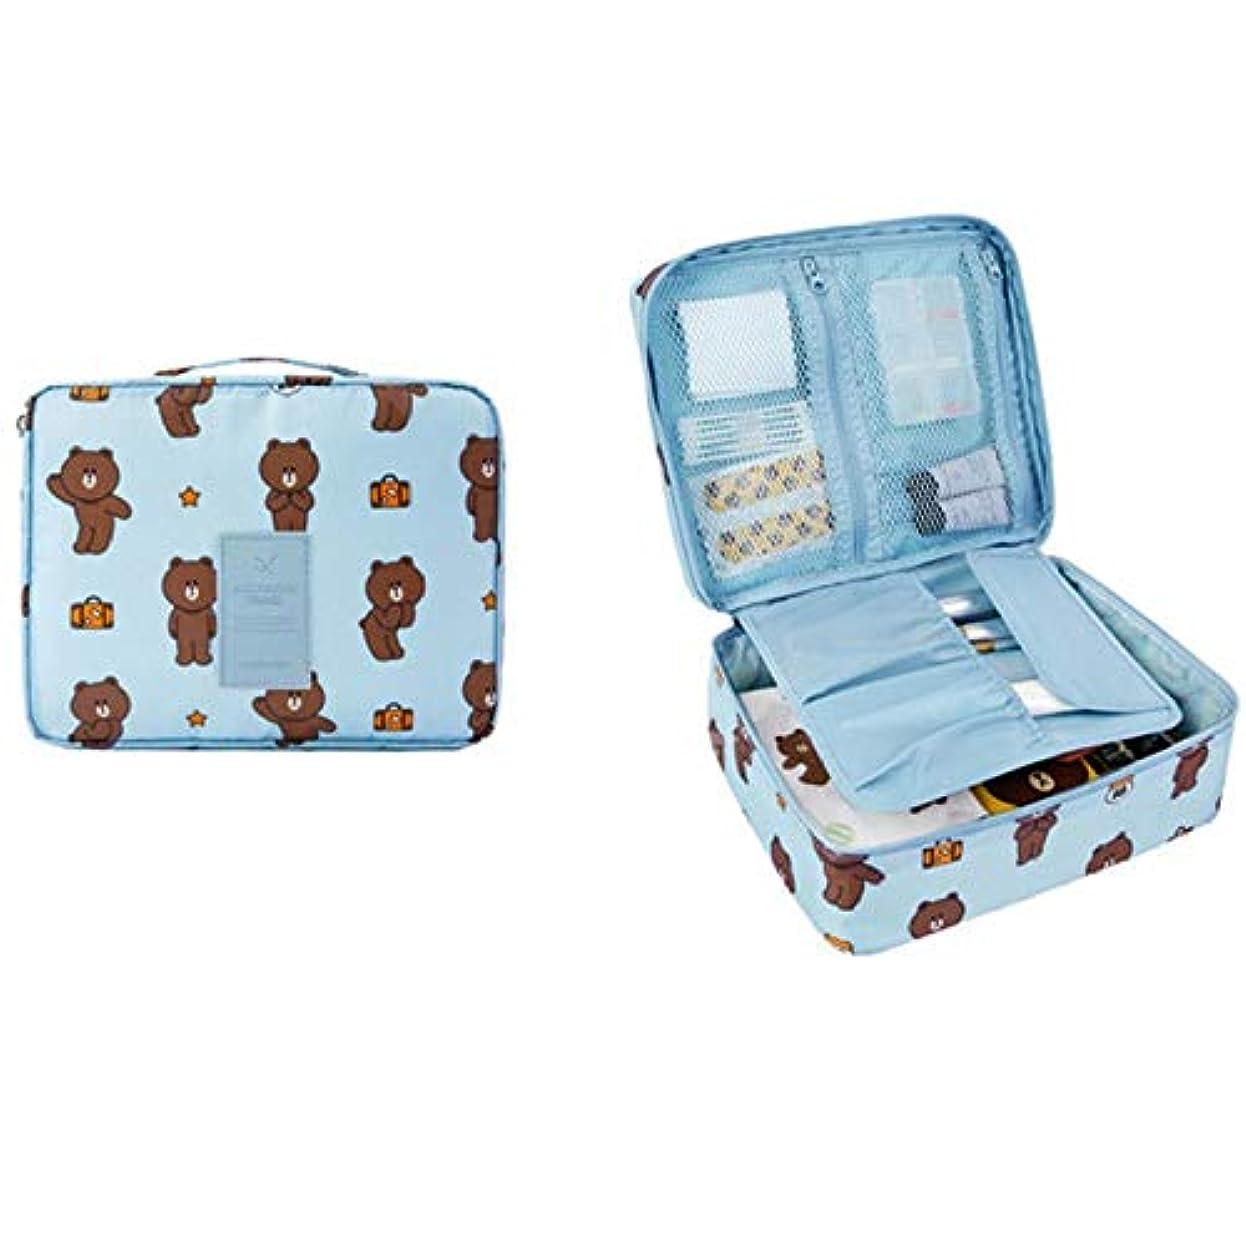 貨物想像力不定多機能旅行収納バッグ_漫画ブラウン熊化粧バッグ多機能旅行収納バッグ携帯型男性女性女性防水, L空色